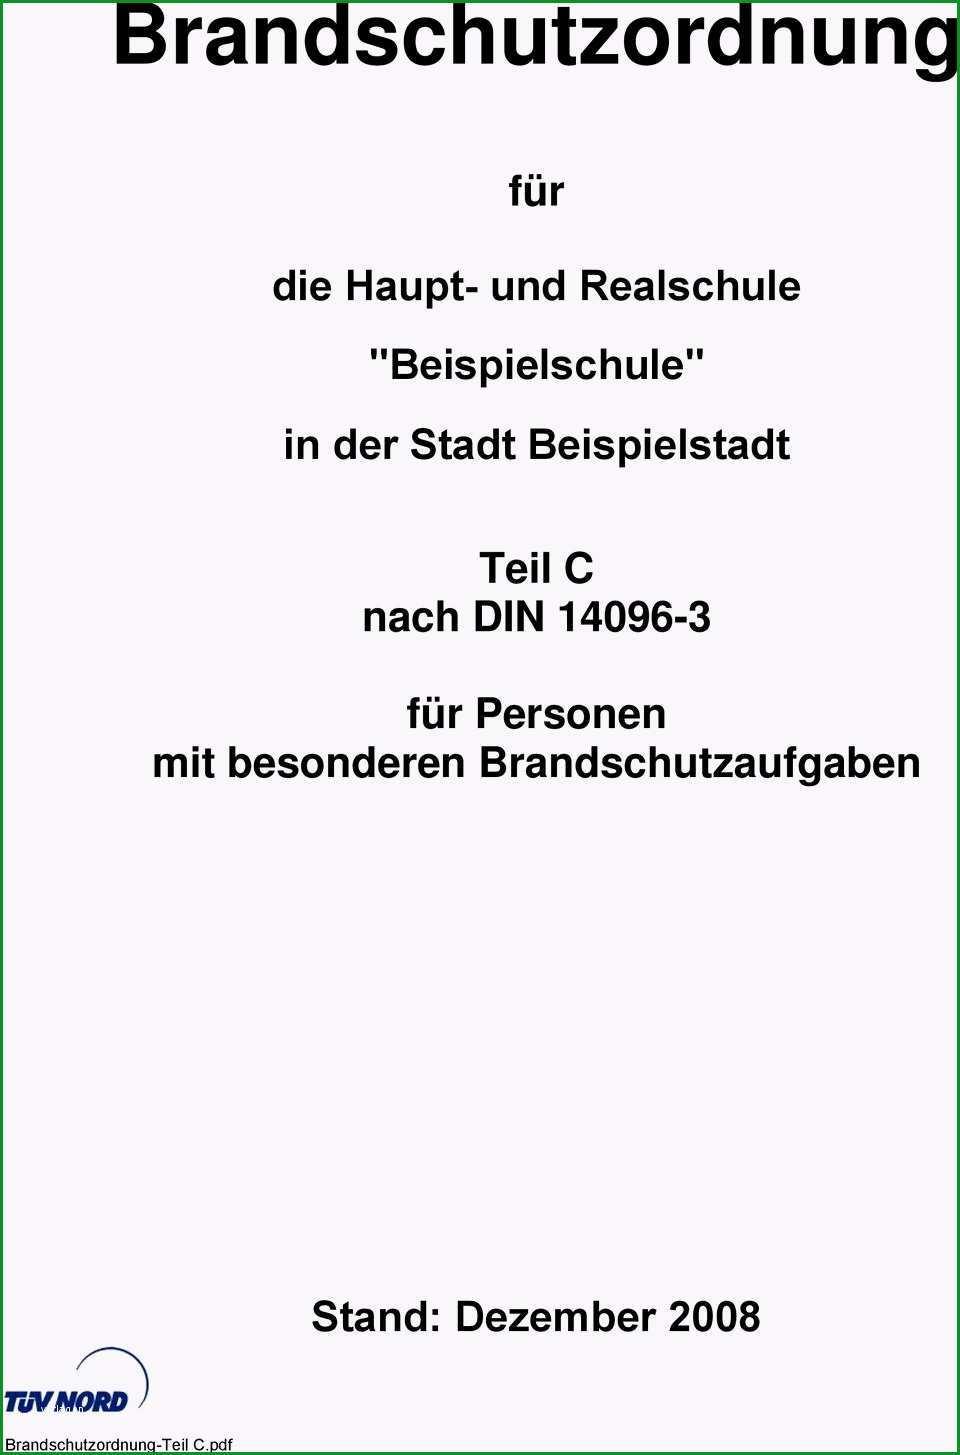 Brandschutzordnung fuer teil c nach din 3 fuer personen mit besonderen brandschutzaufgaben brandschutzordnung teil c pdf